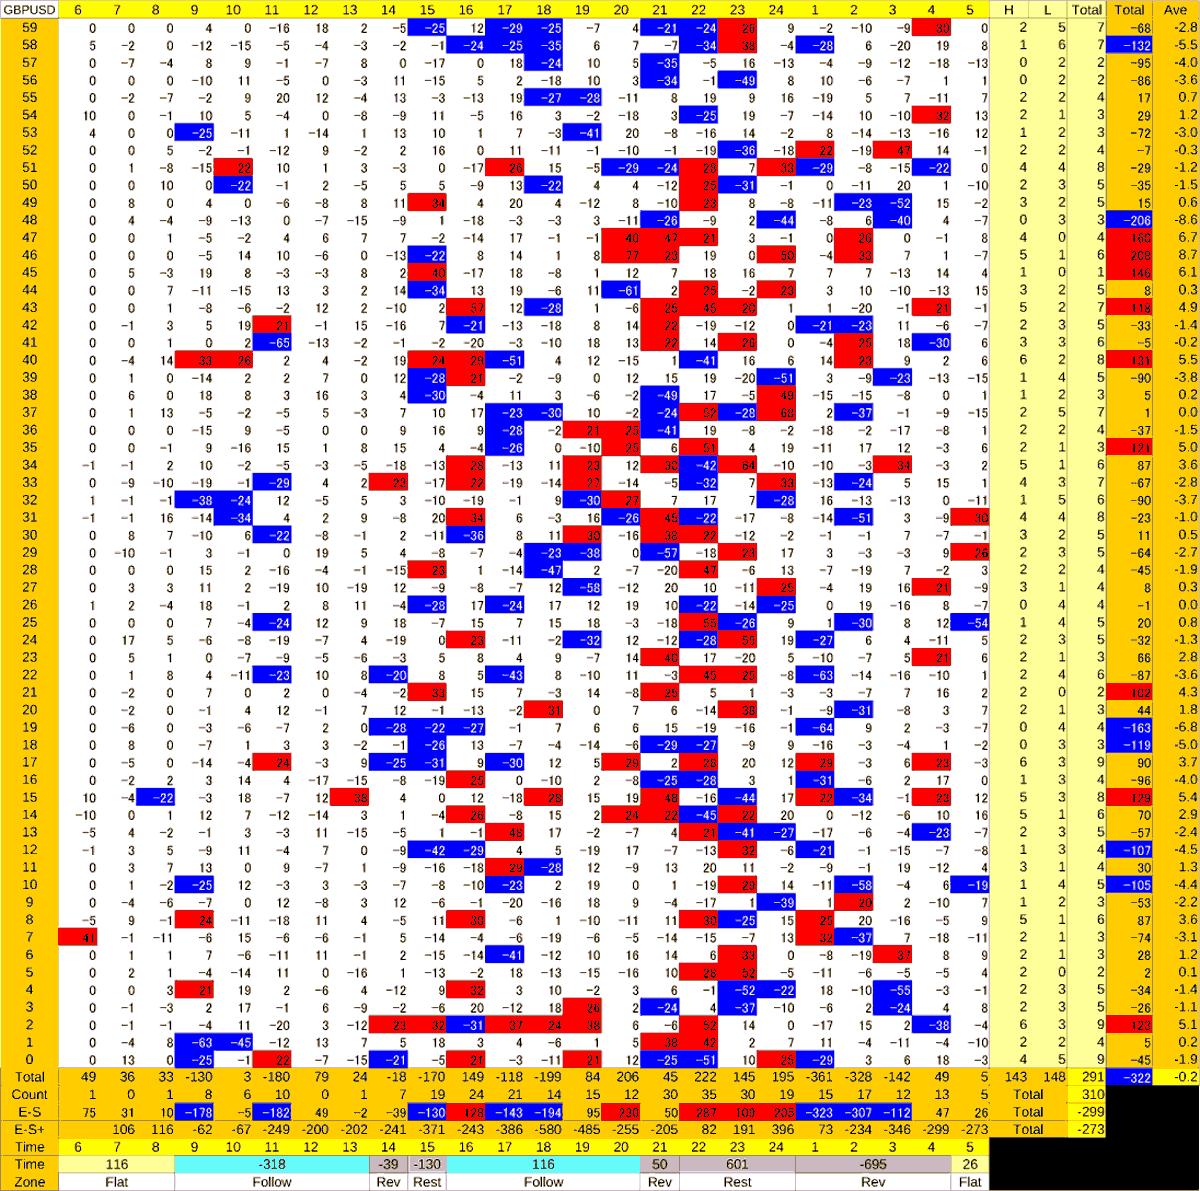 20200716_HS(2)GBPUSD